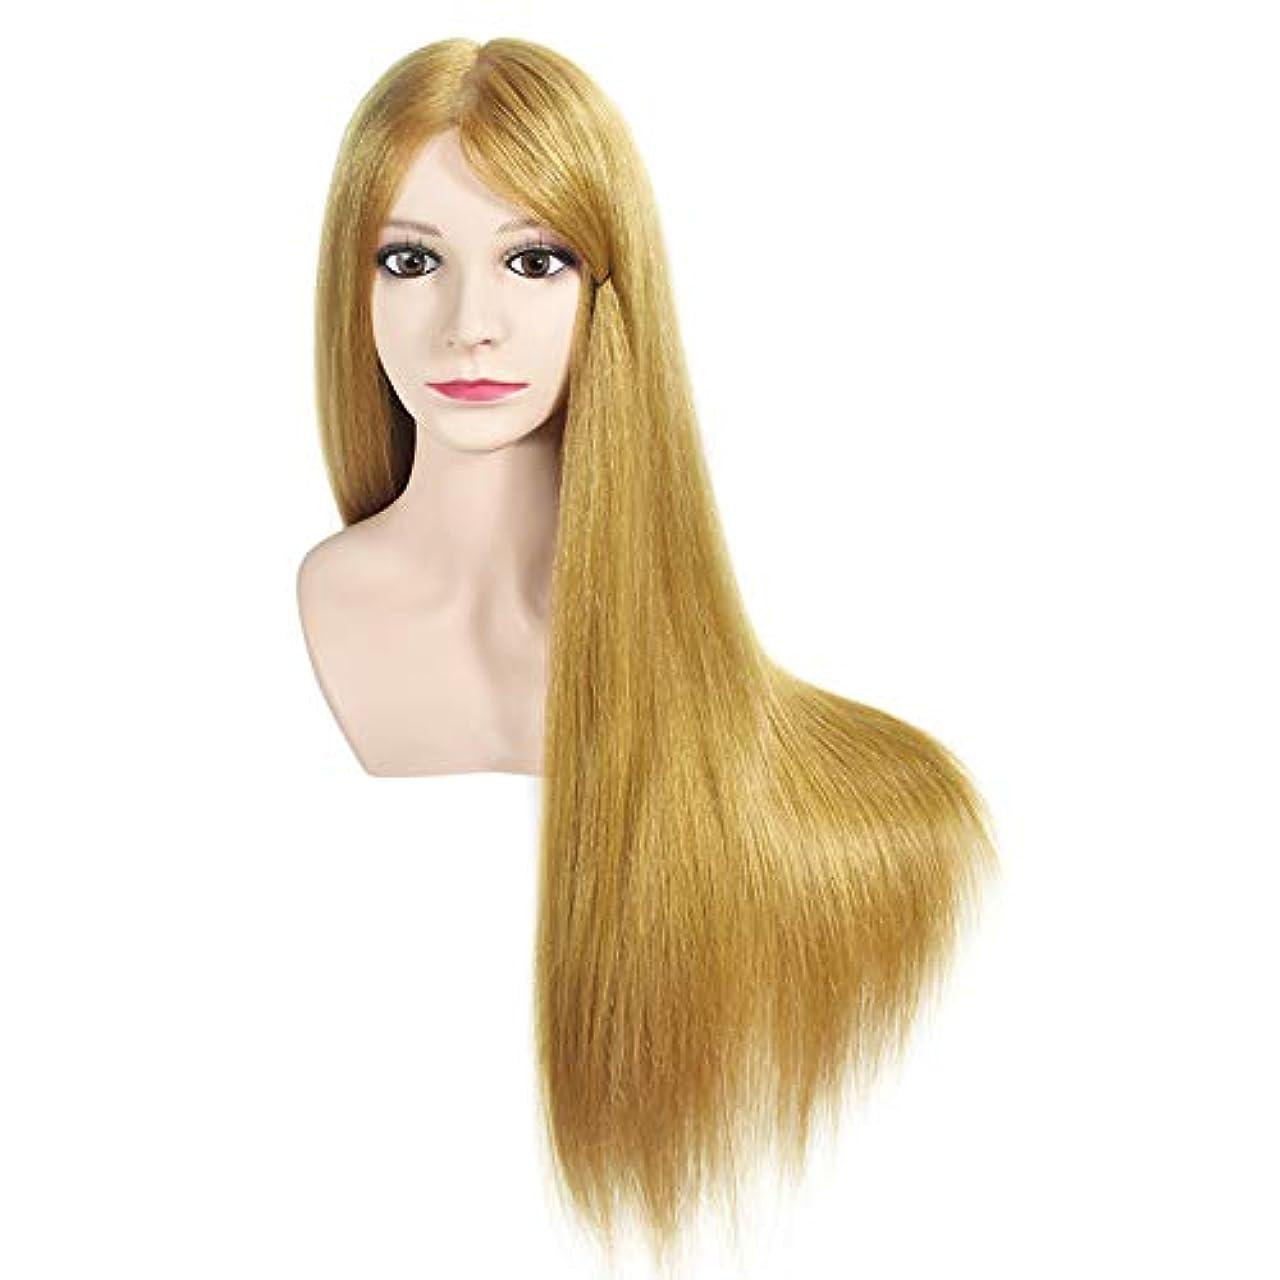 パフホット保証サロンヘアブレイド理髪指導ヘッドスタイリング散髪ダミーヘッド化粧学習ショルダーマネキンヘッド